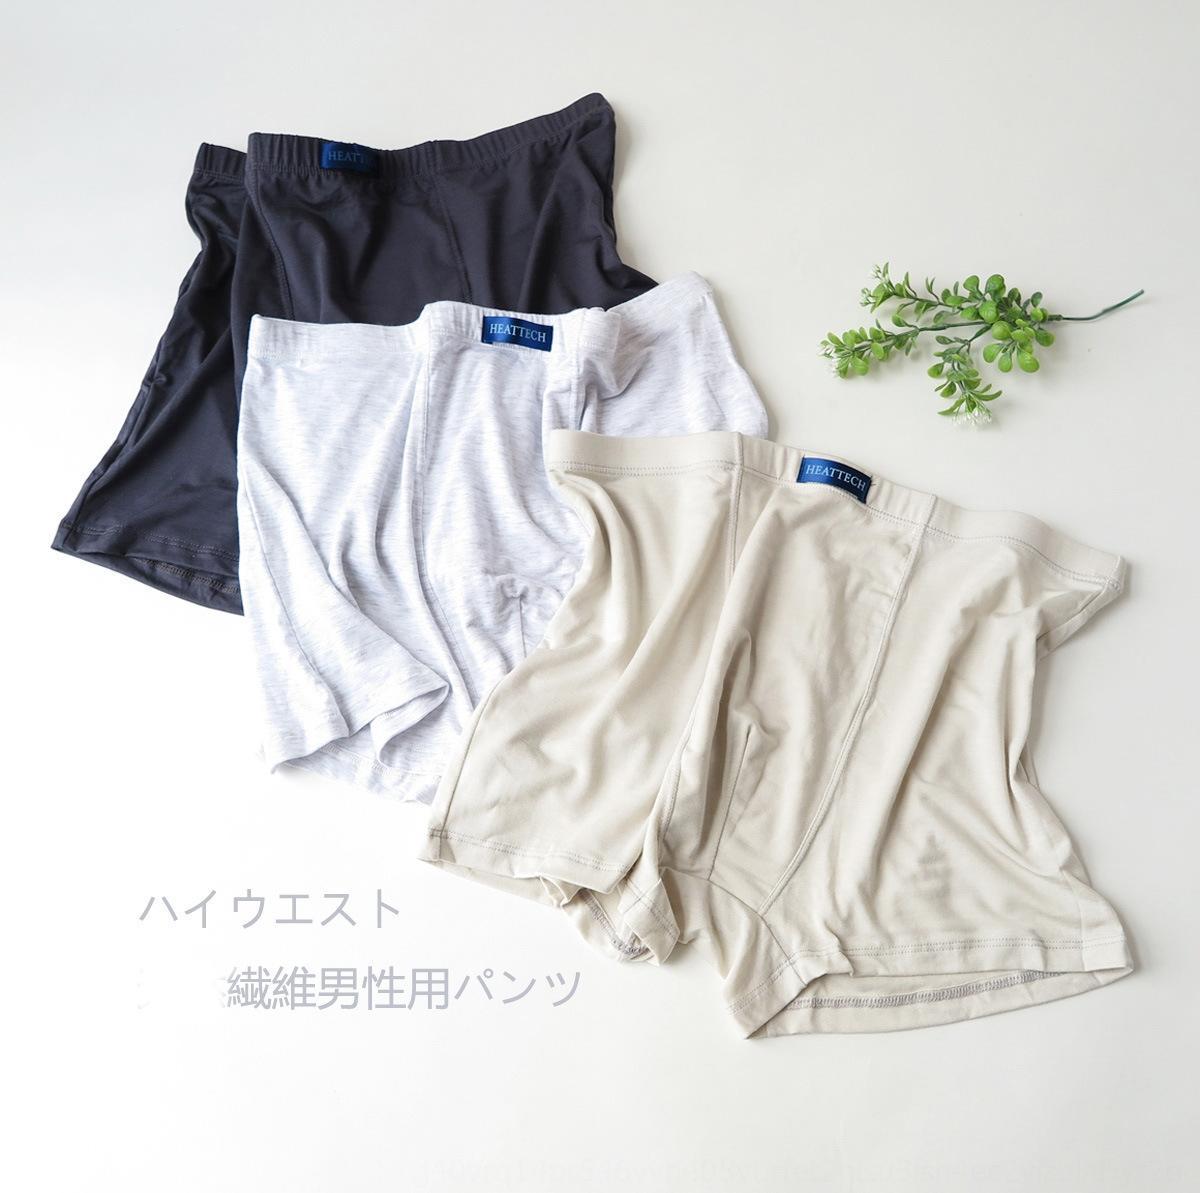 Herren-täglich einzelne hohe Unter Unterhose Taille Größe Männer einzigen modalen Boxer Hose